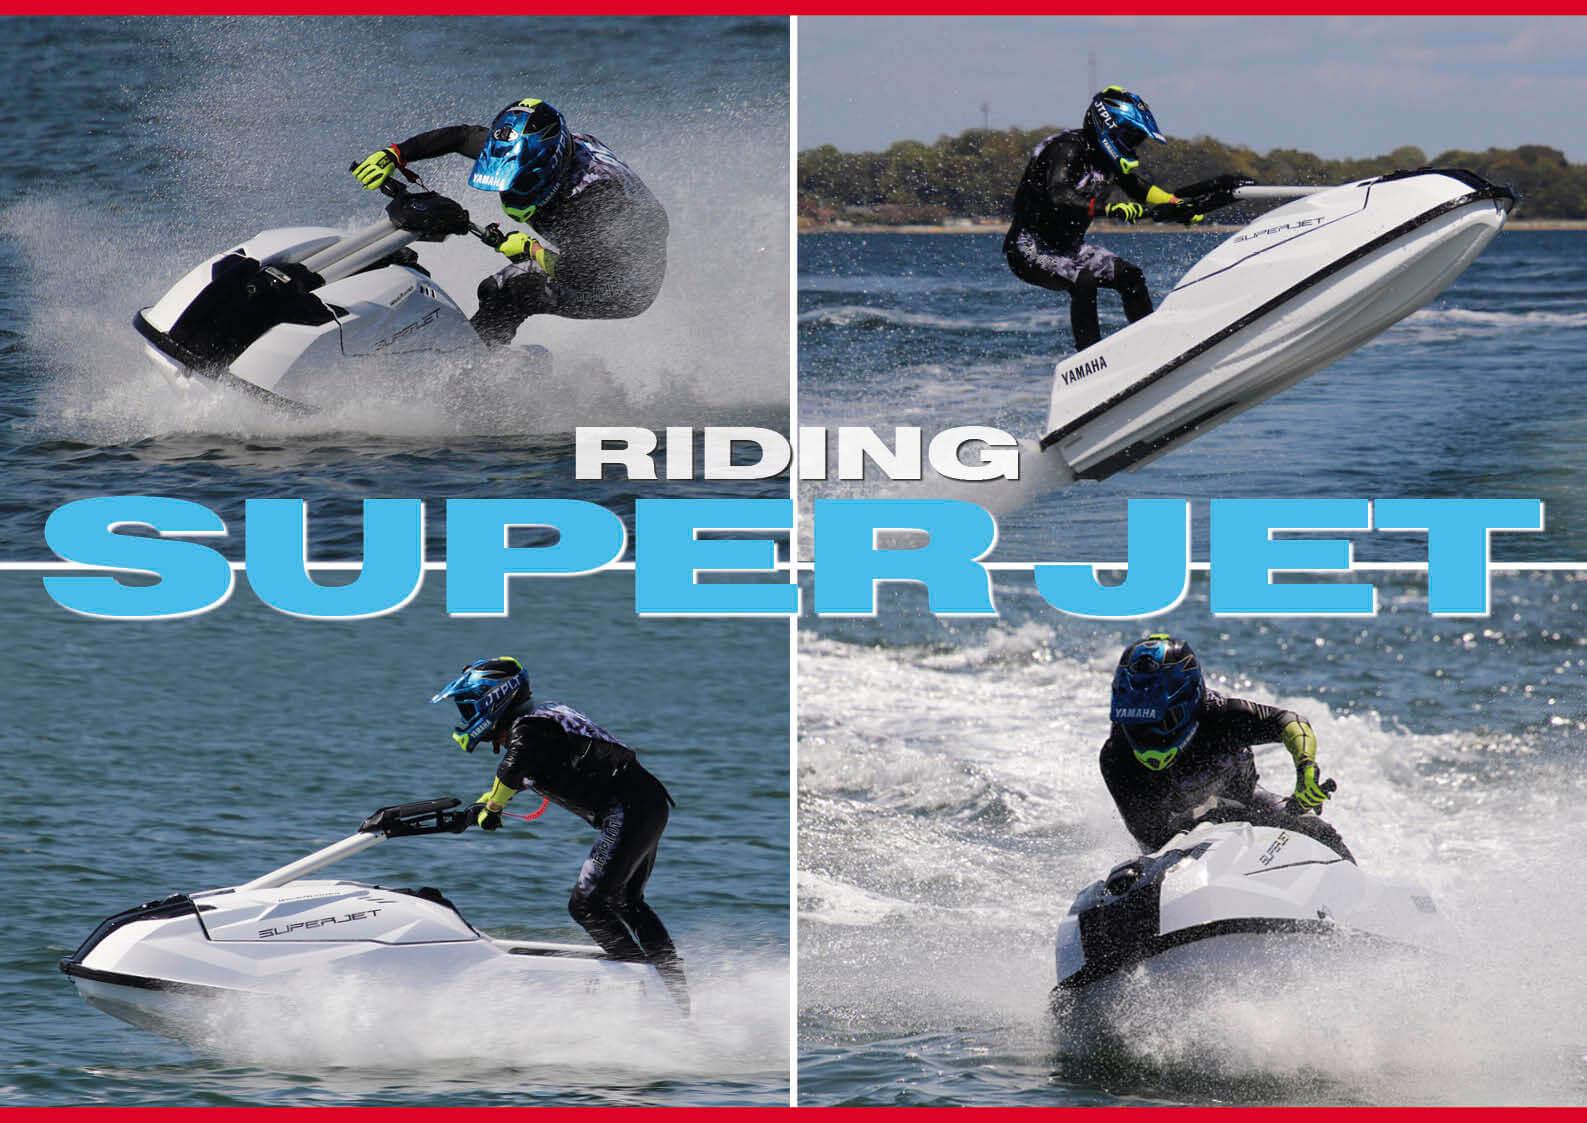 ライディング【動画】2021 ヤマハ(YAMAHA)Super Jet(スーパージェット)全日本チャンピオンの解説付き「スーパージェットはこう乗れ!」  水上バイク(ジェットスキー)